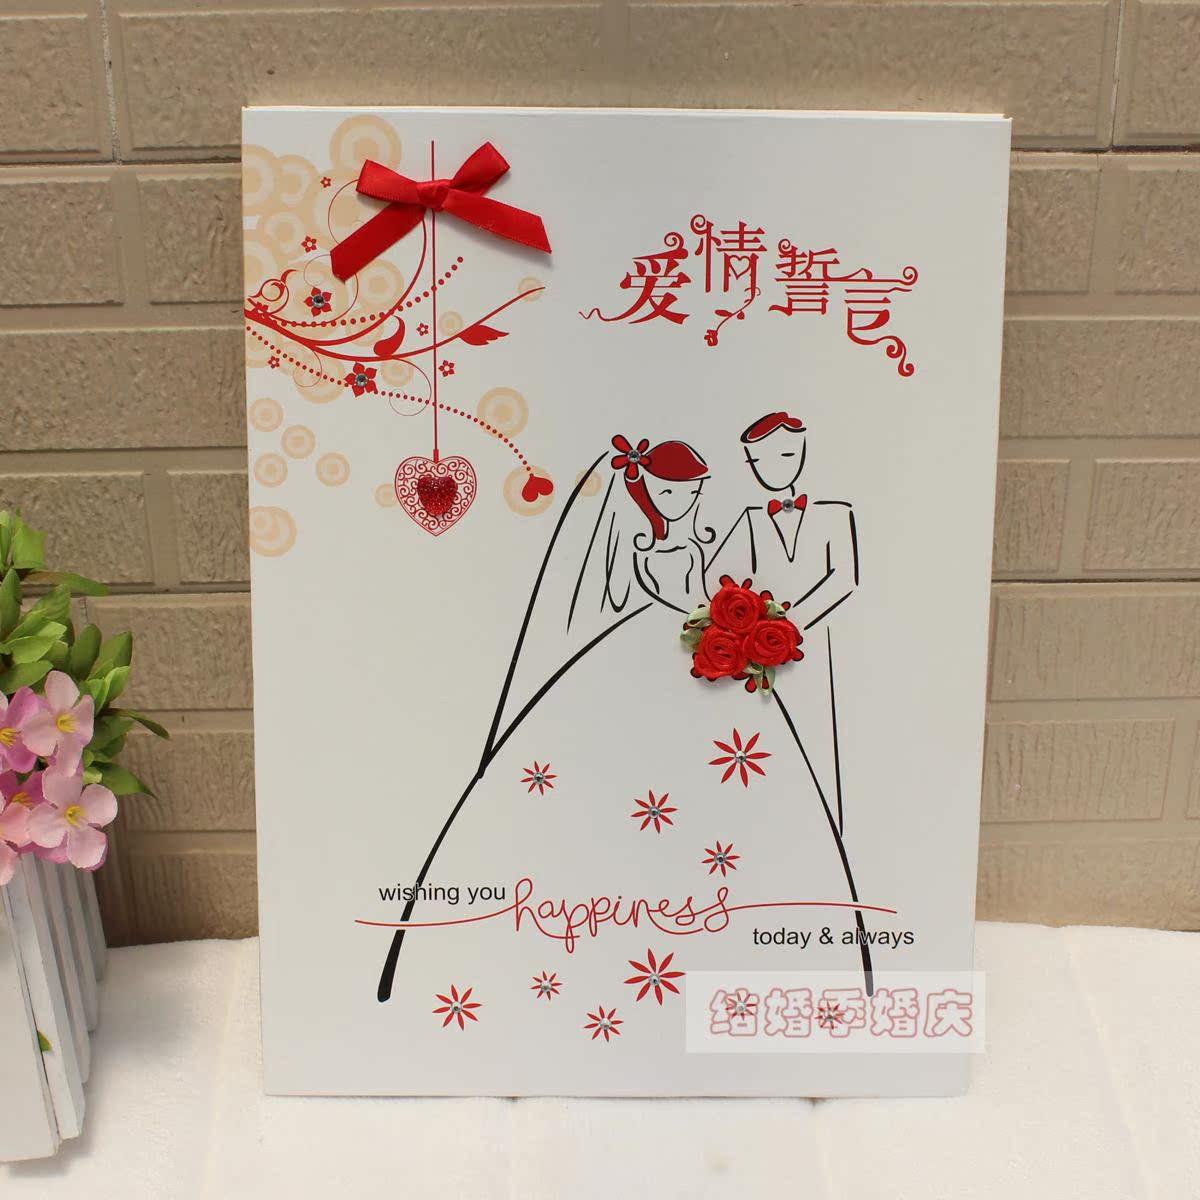 新款欧式镶钻结婚爱情誓言本 签到本 礼金薄 婚礼签名册 490/760g